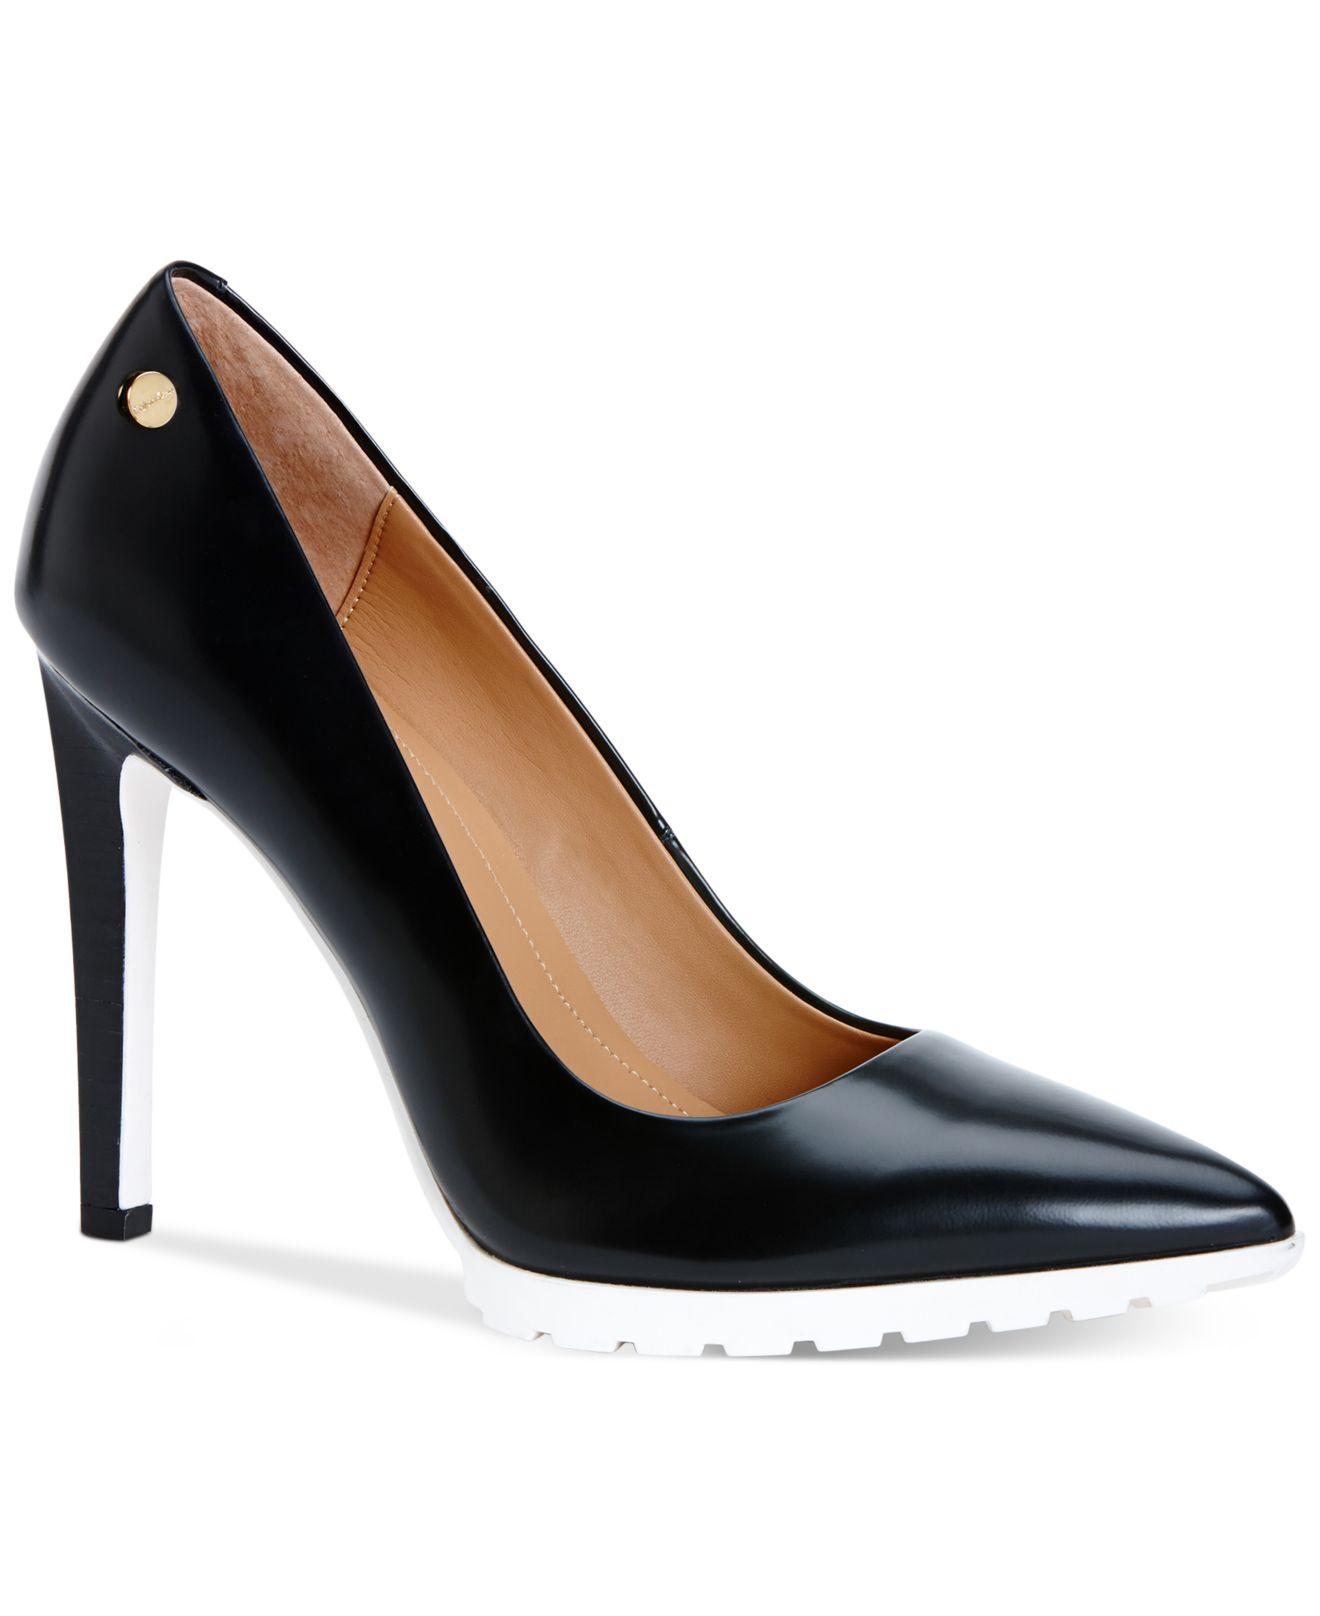 45a68e18b3920 Calvin Klein Black Brigitte Pumps